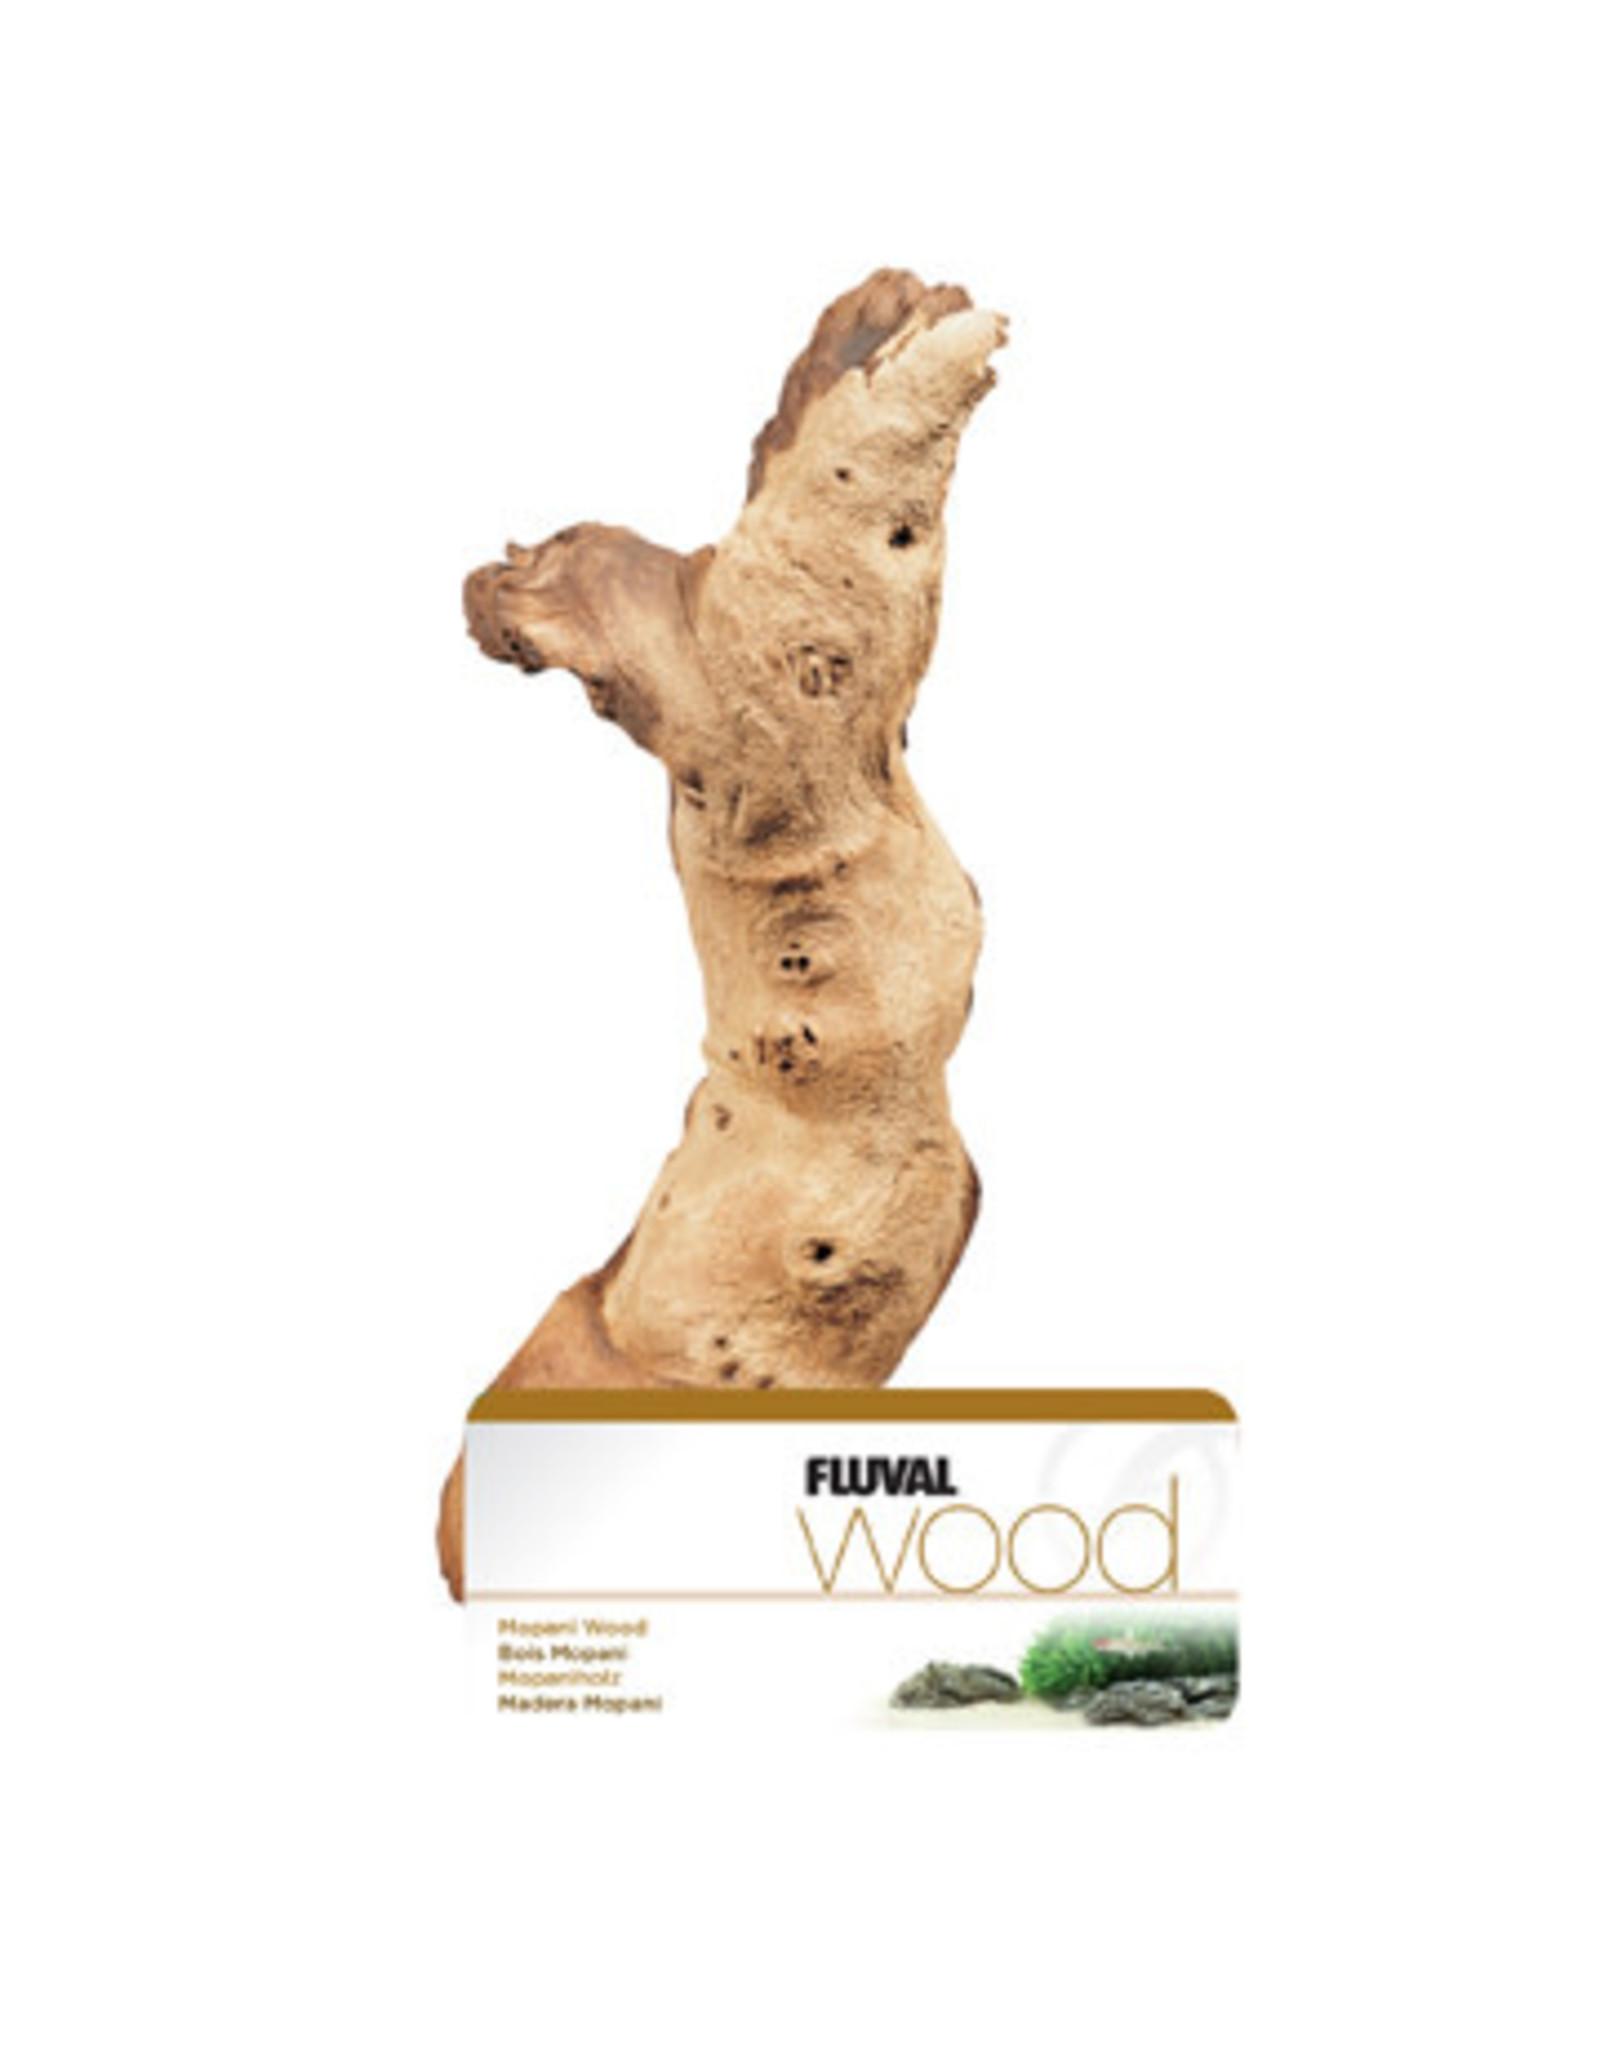 Fluval Fluval Mopani Driftwood - Large - 30 x 45 cm (11.8 X 17.7 in)